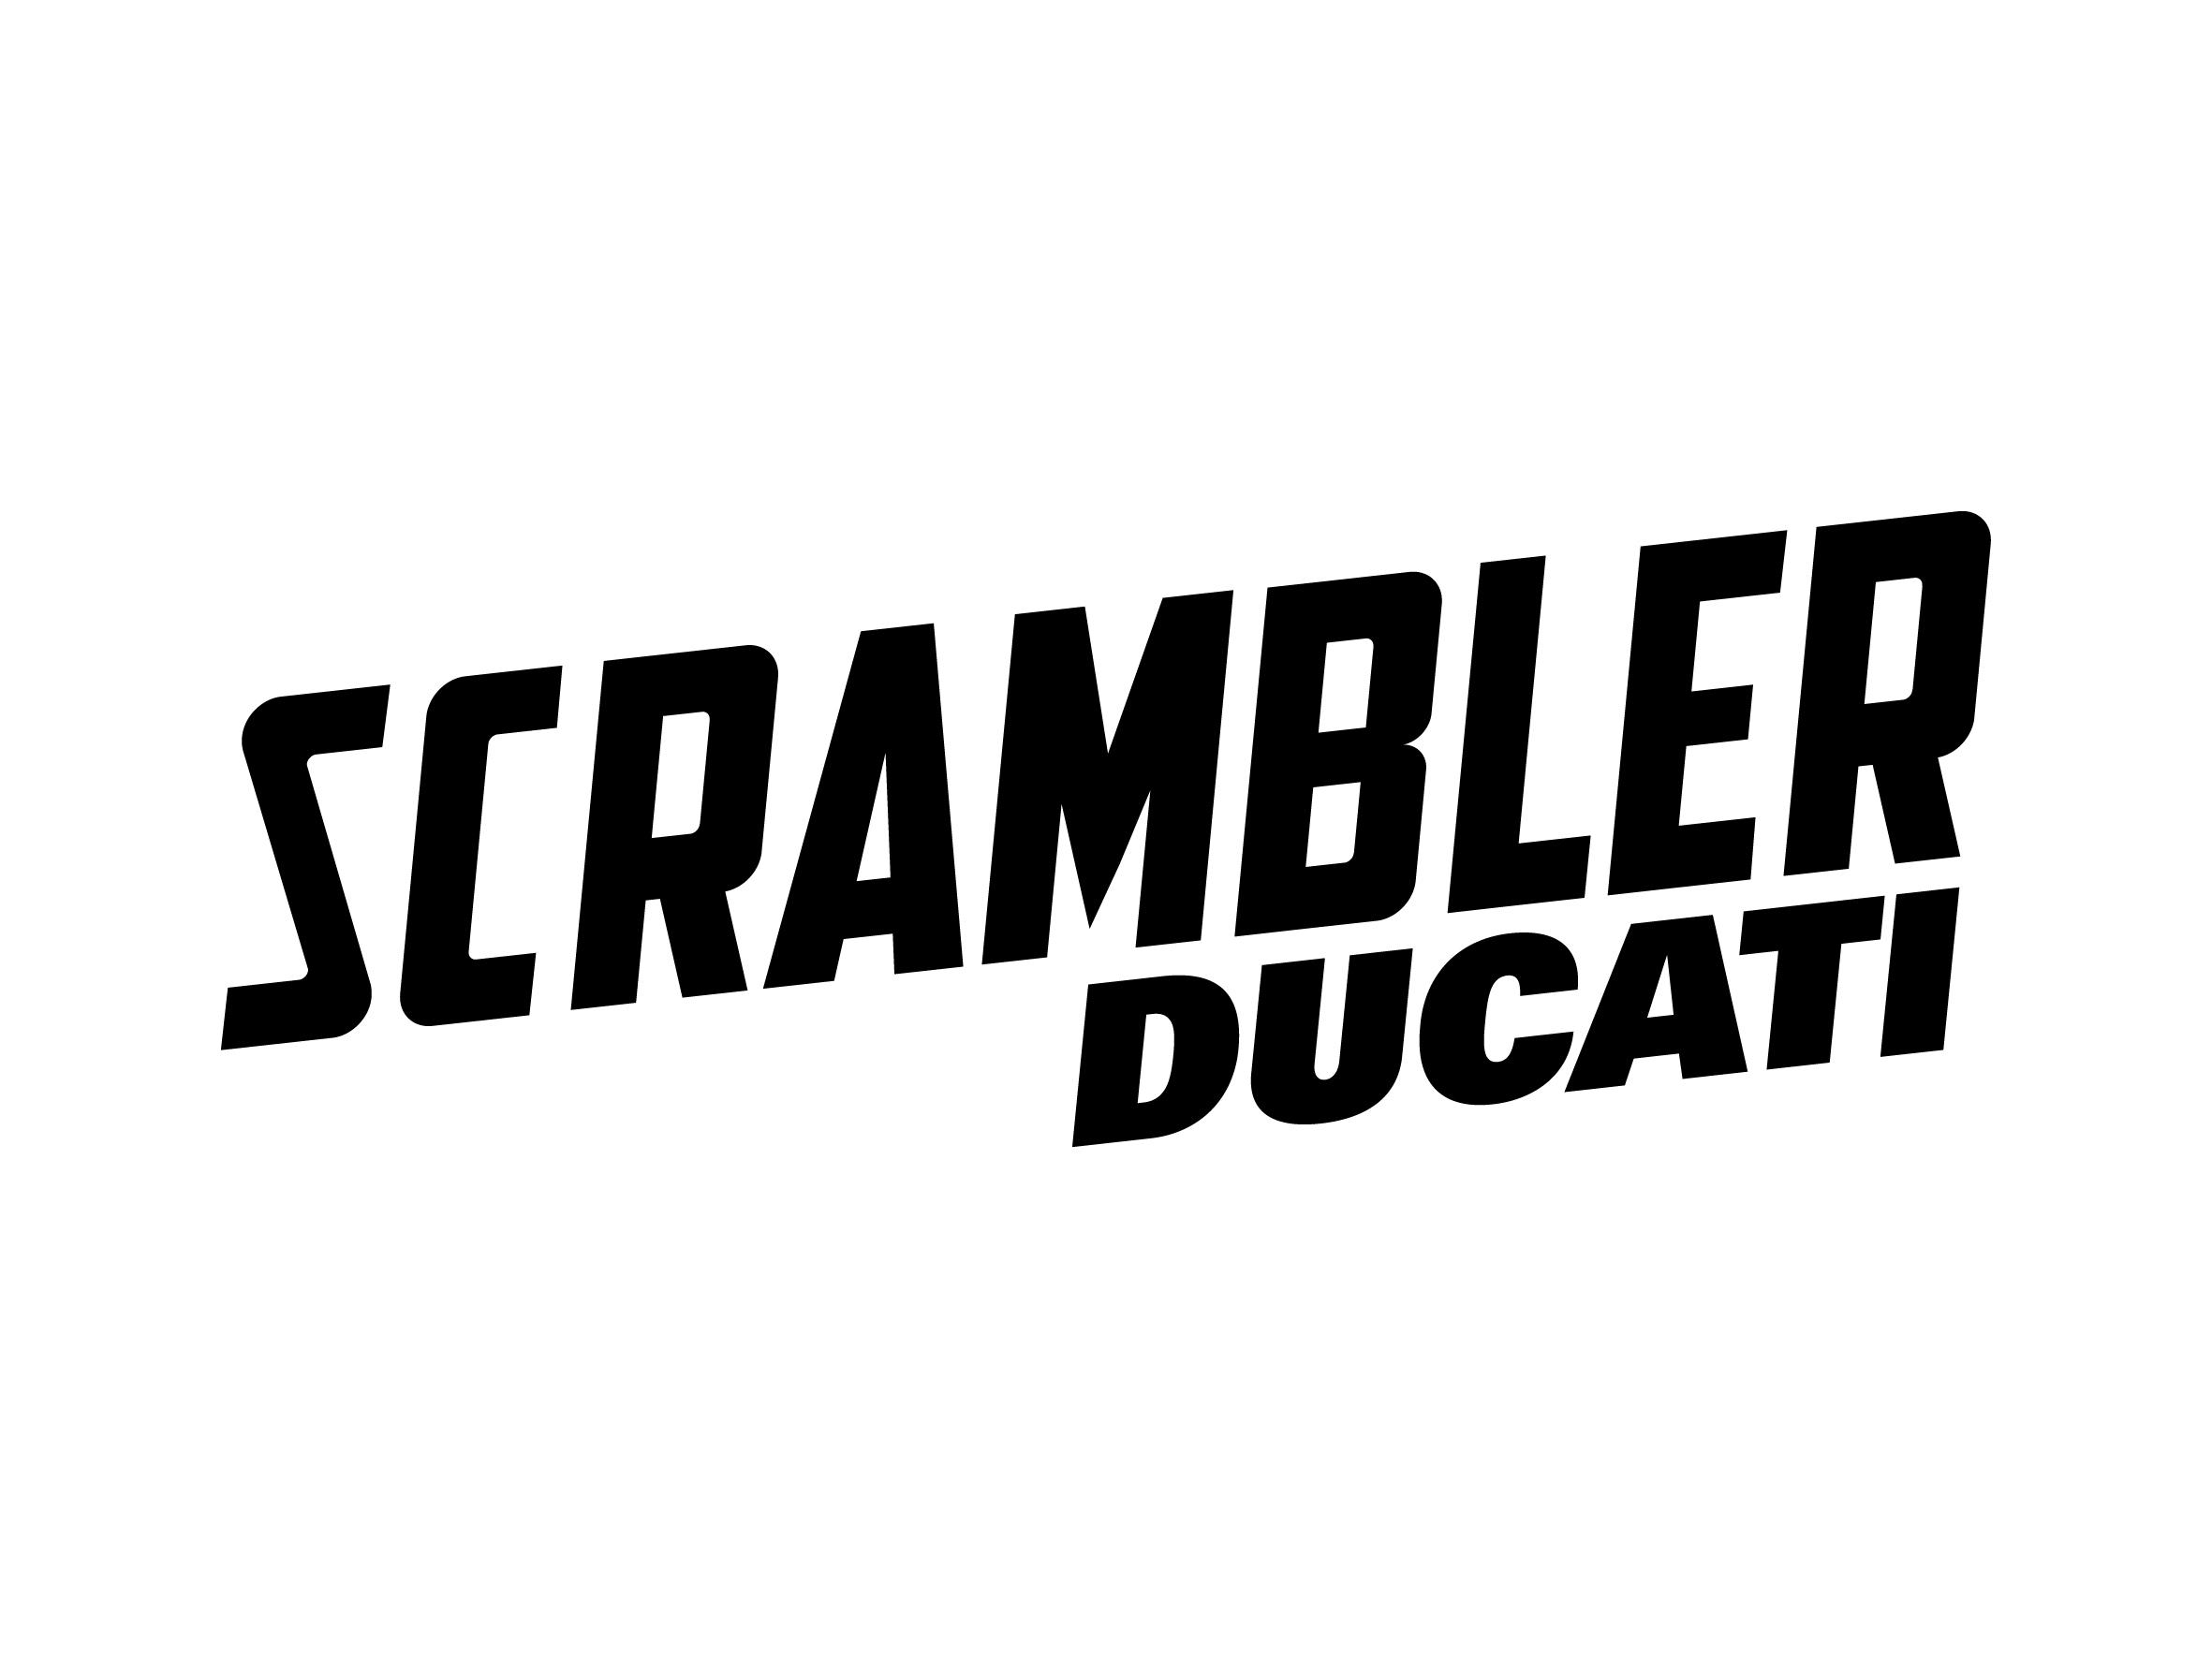 scrambler_ducati.jpg